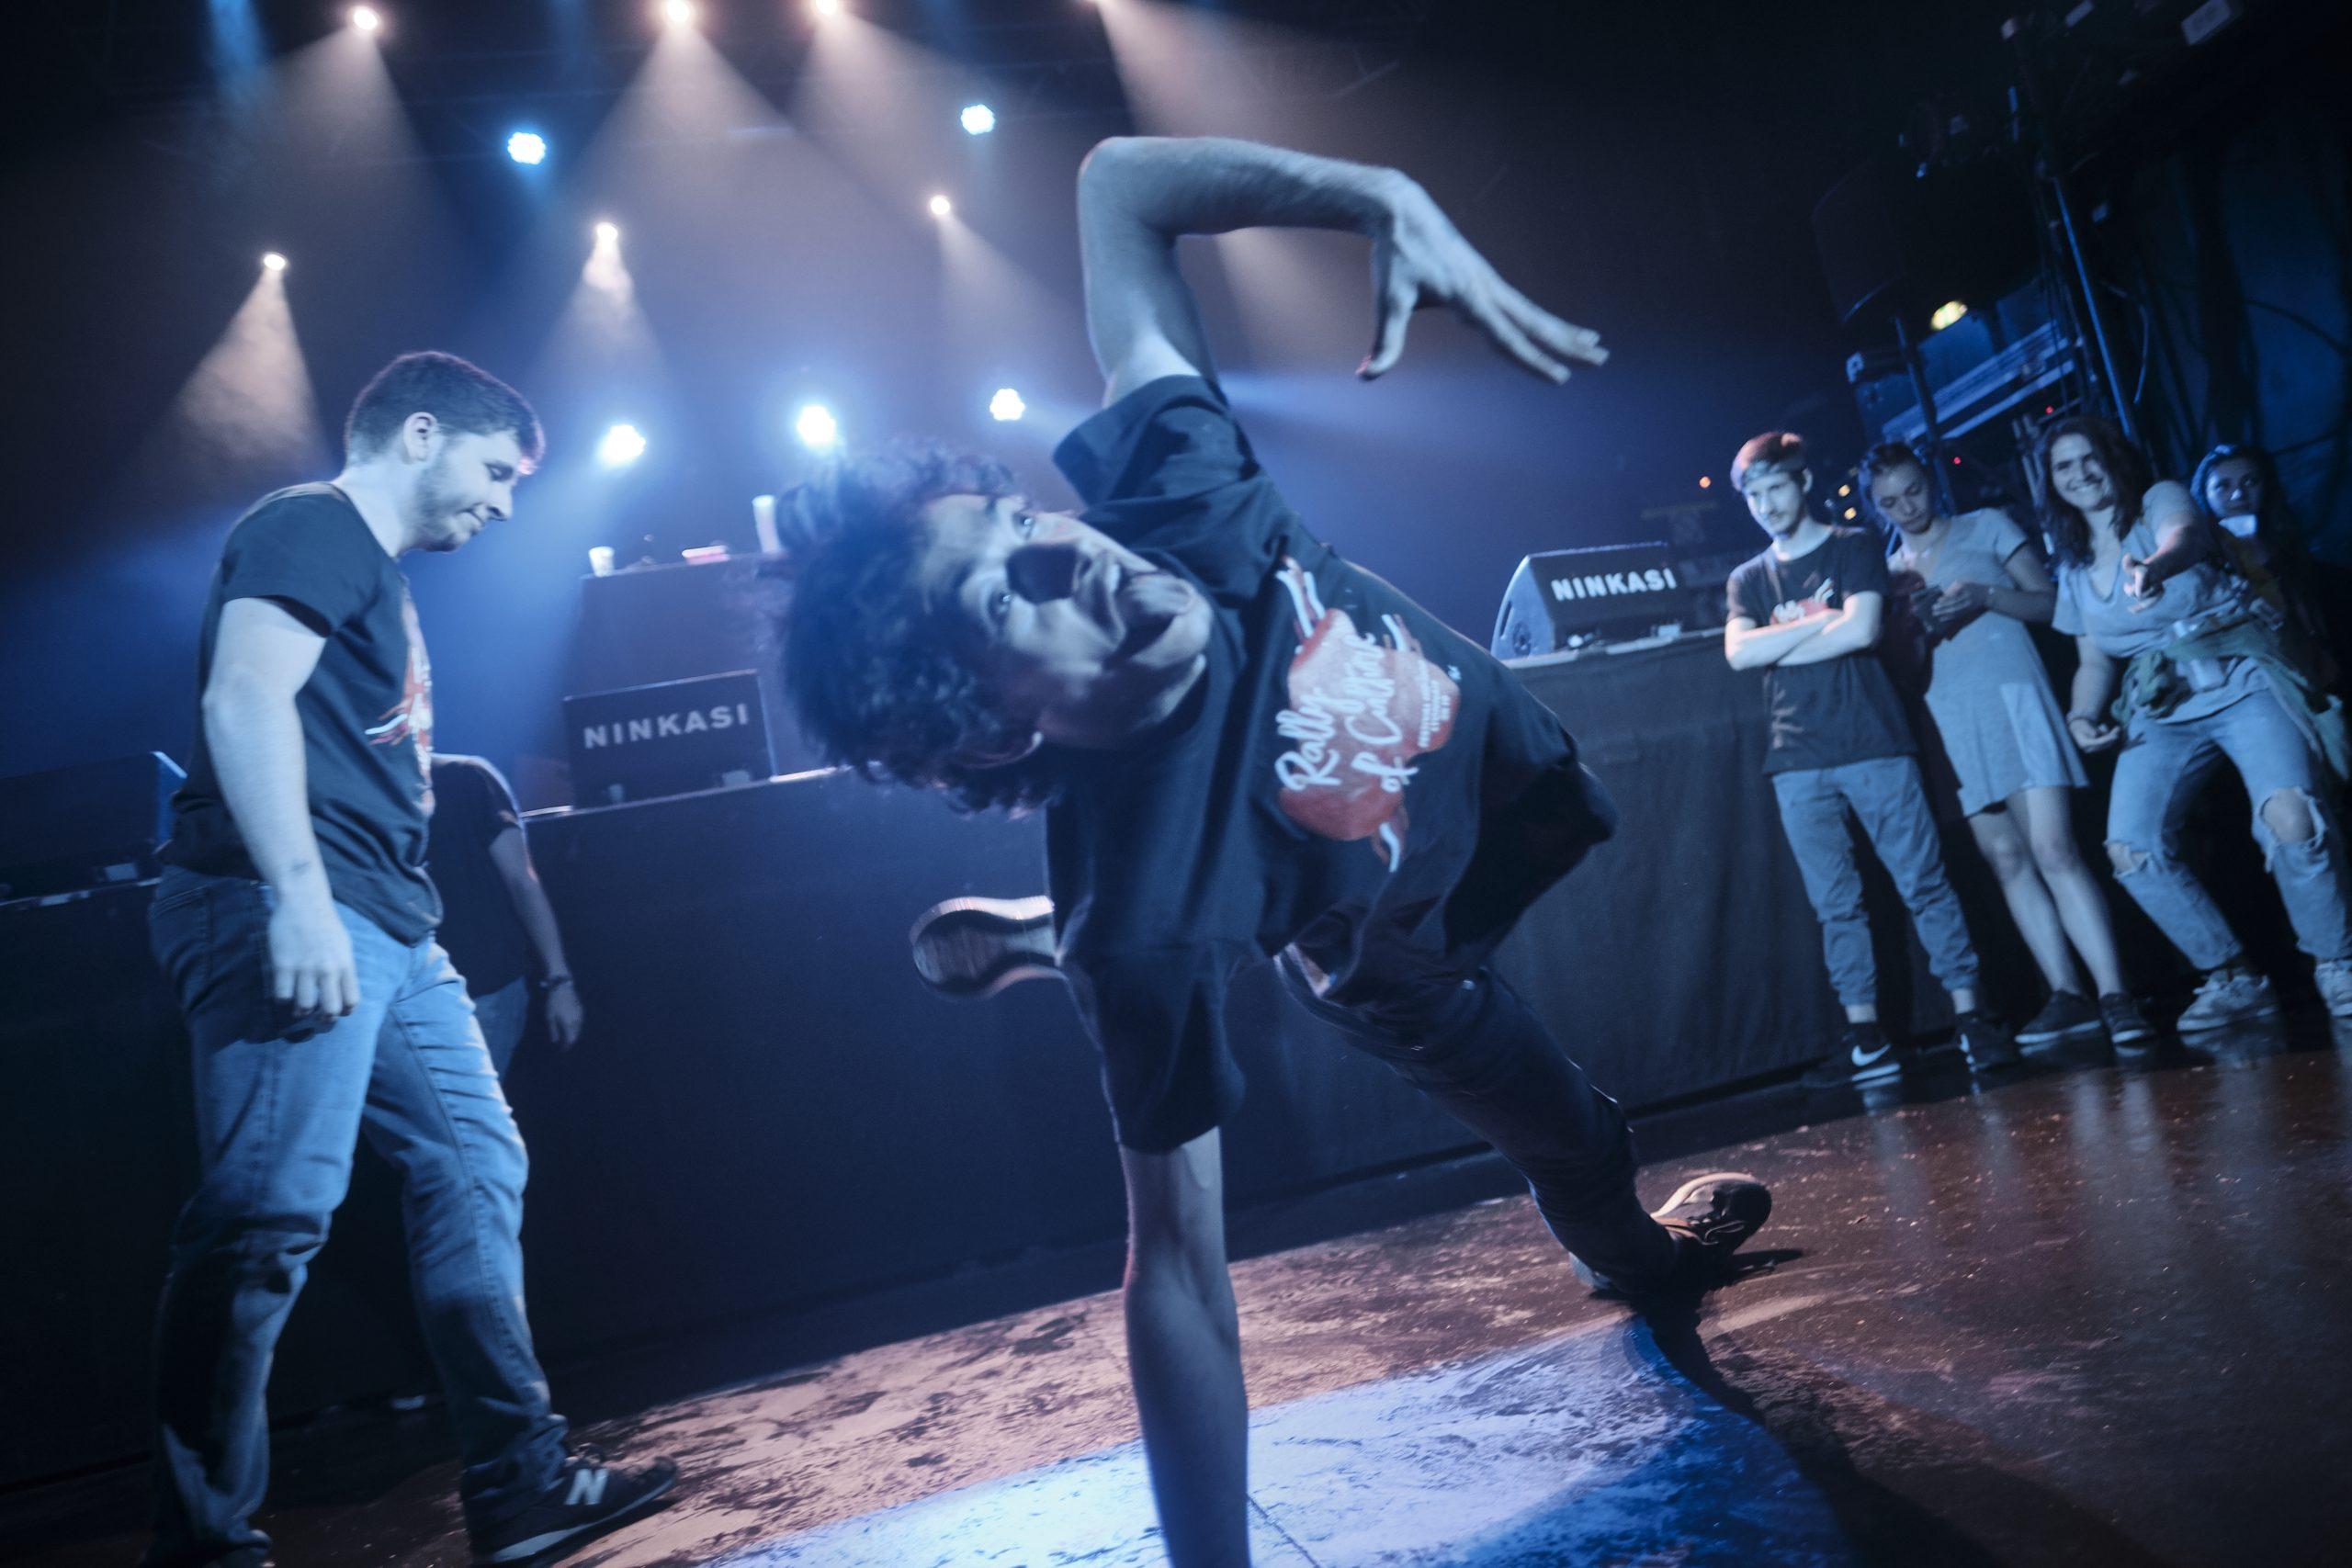 cours de danse bboying break dance avec Ziks à Takamouv lyon centre hip hop